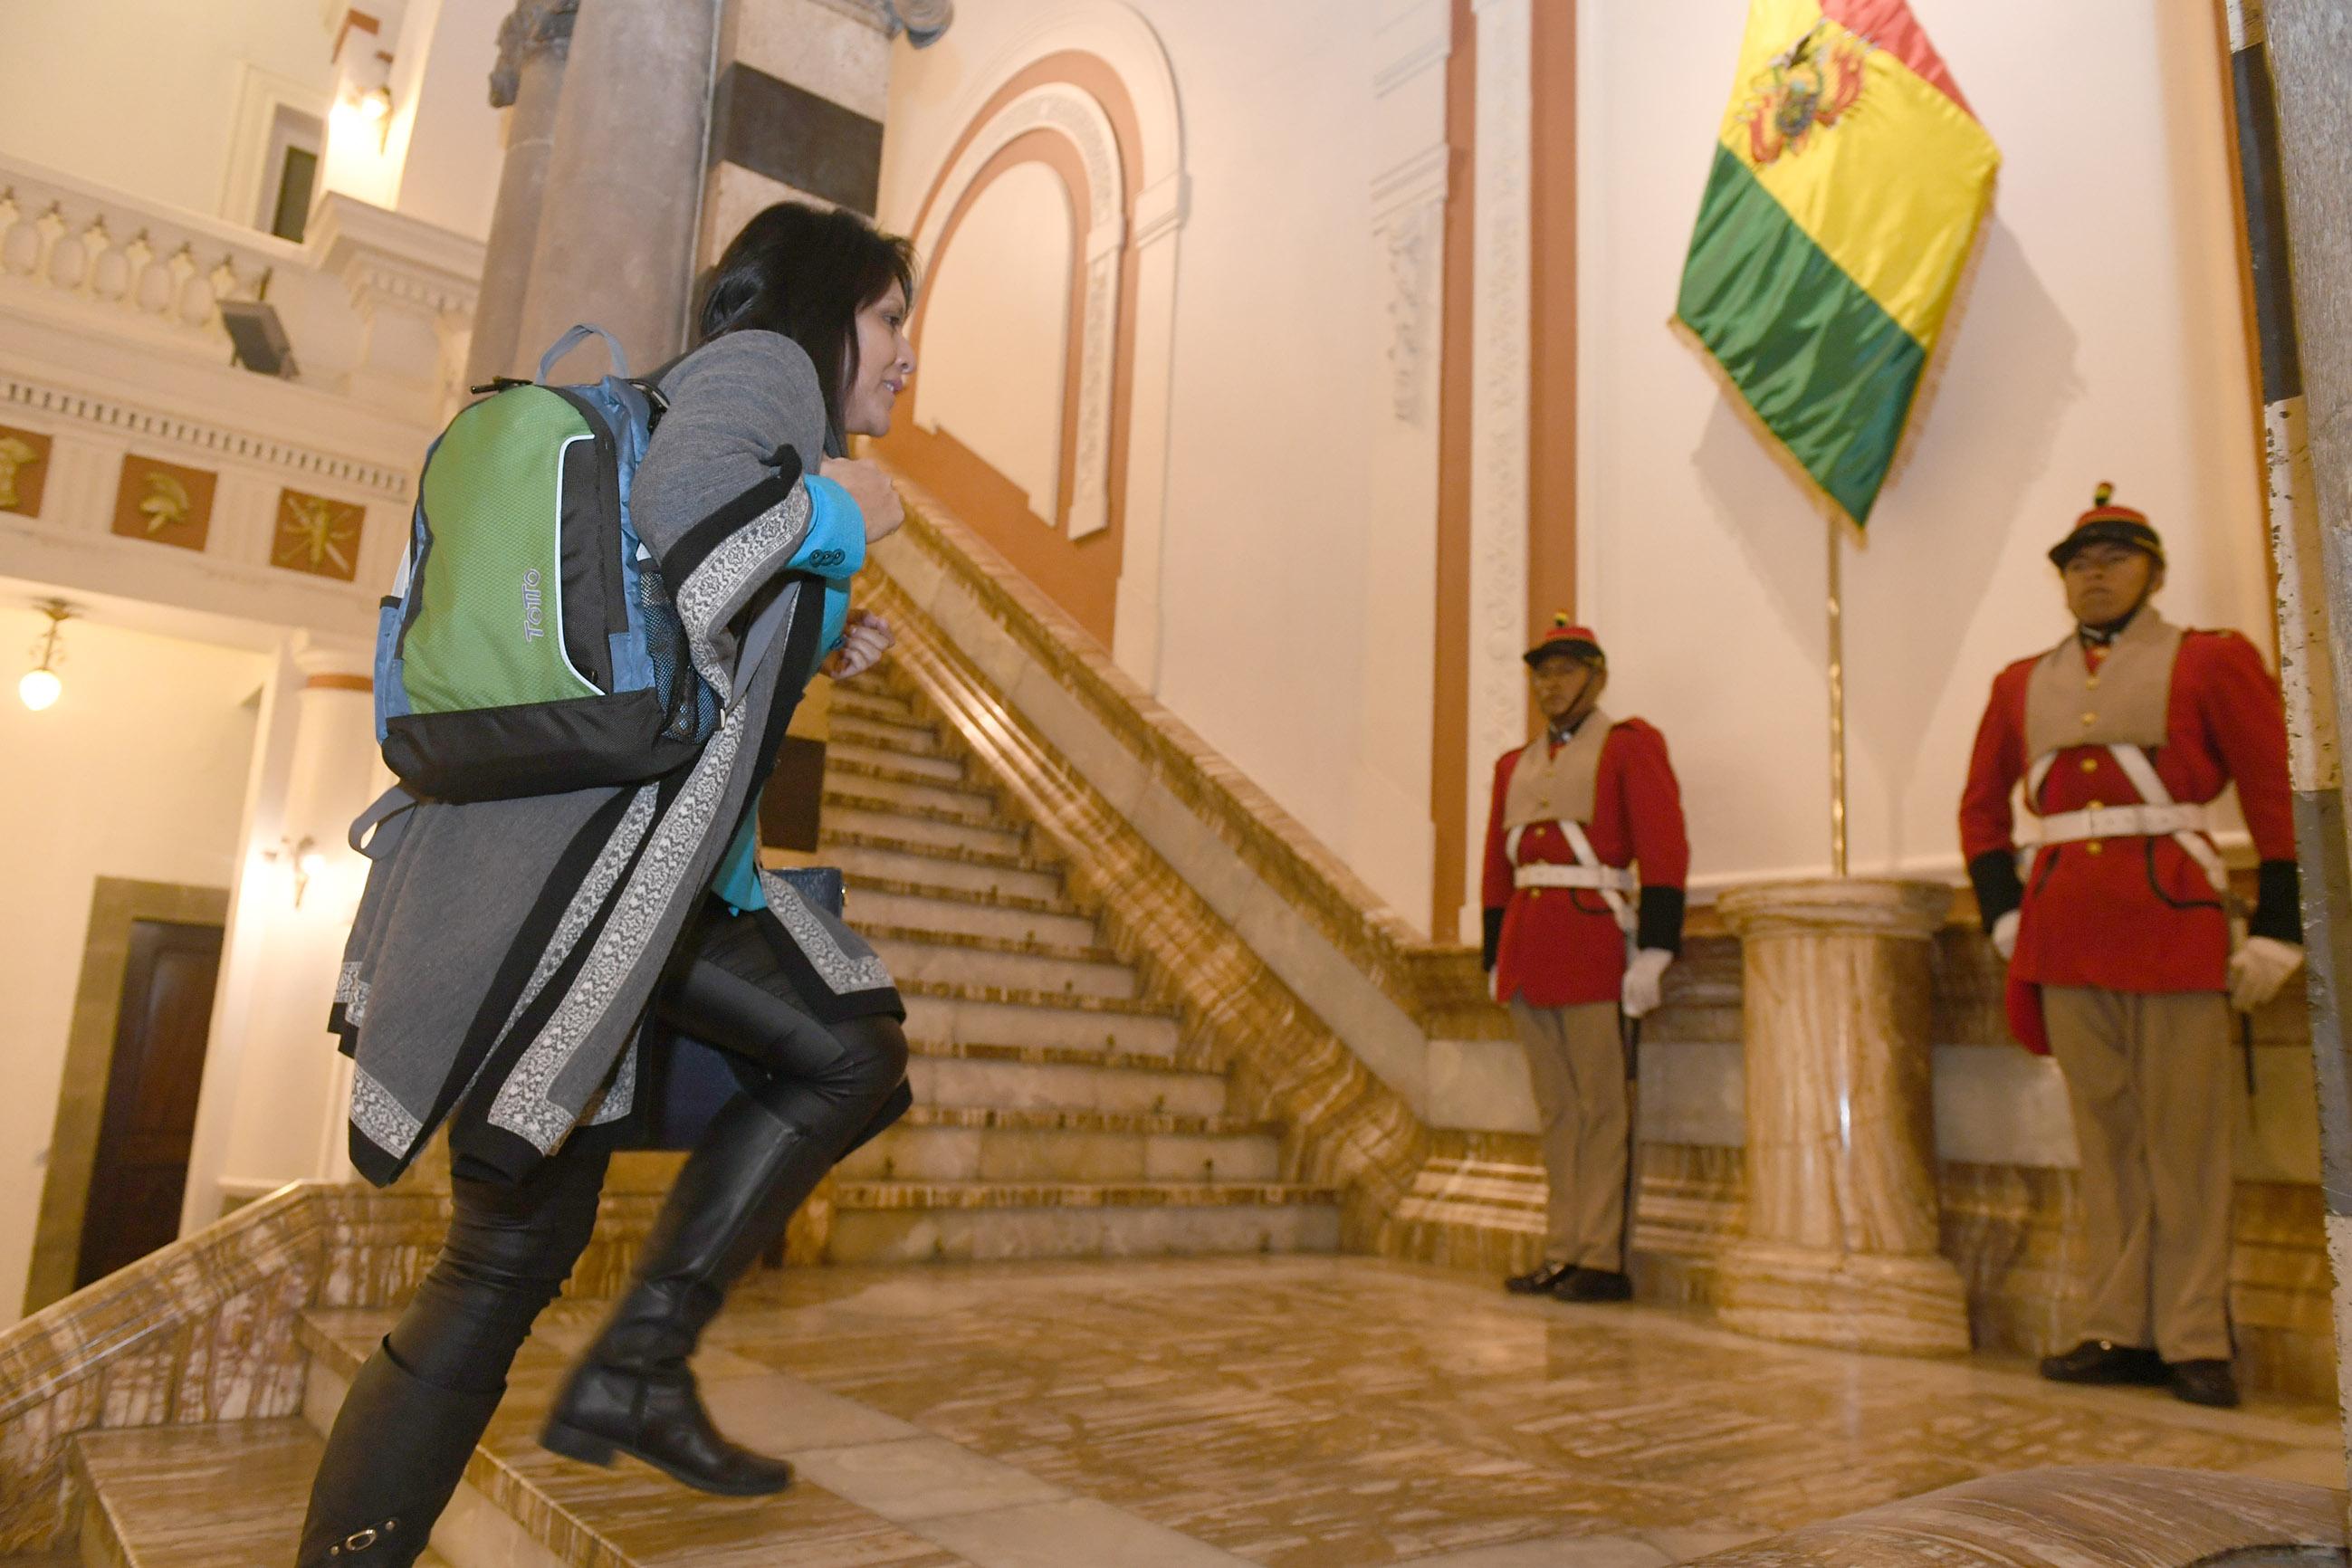 Ministra con mochila ¿boliviana o china?